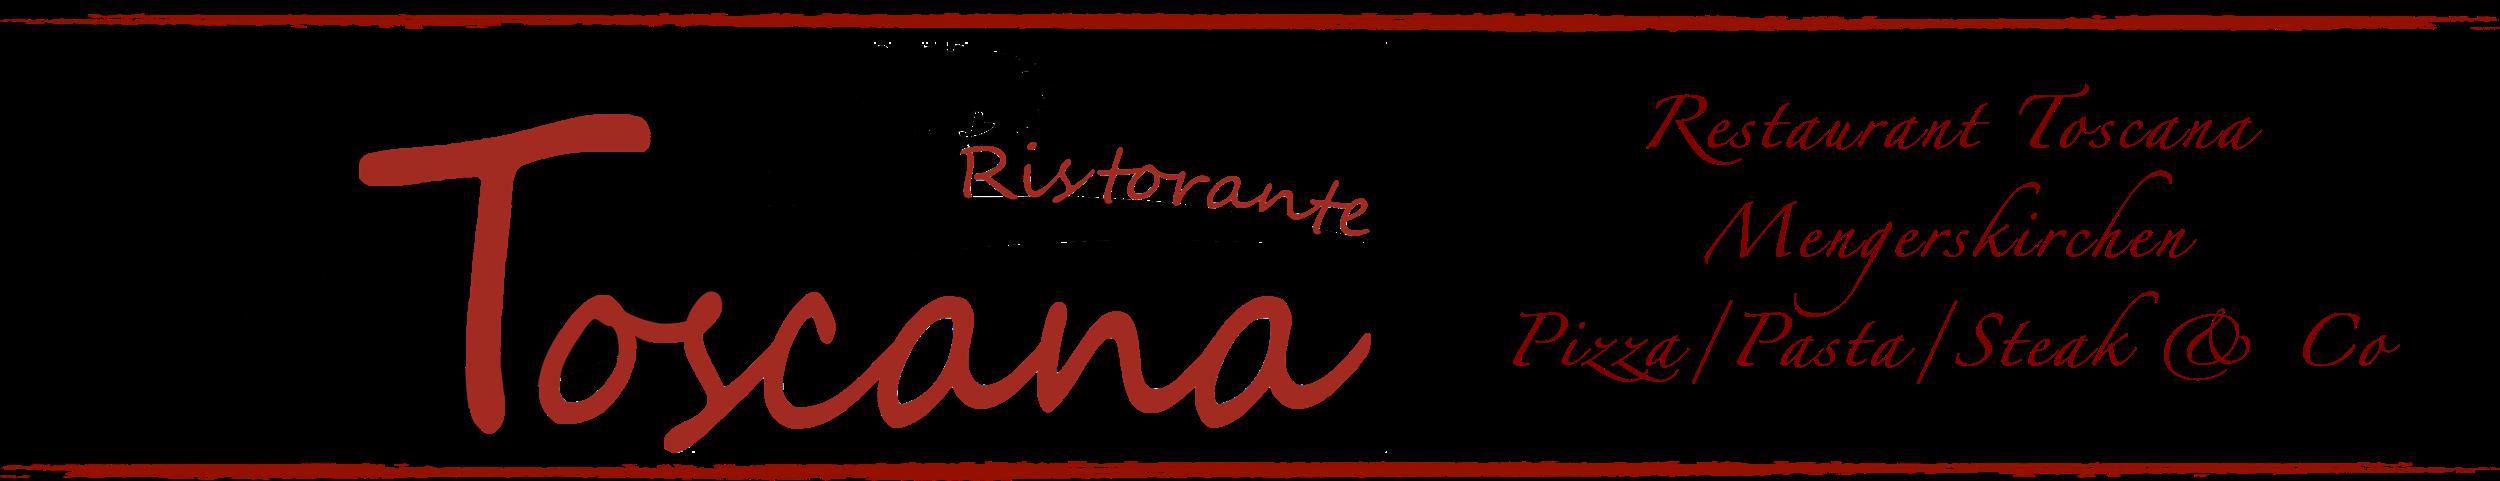 Restaurant Toscana Mengerskirchen